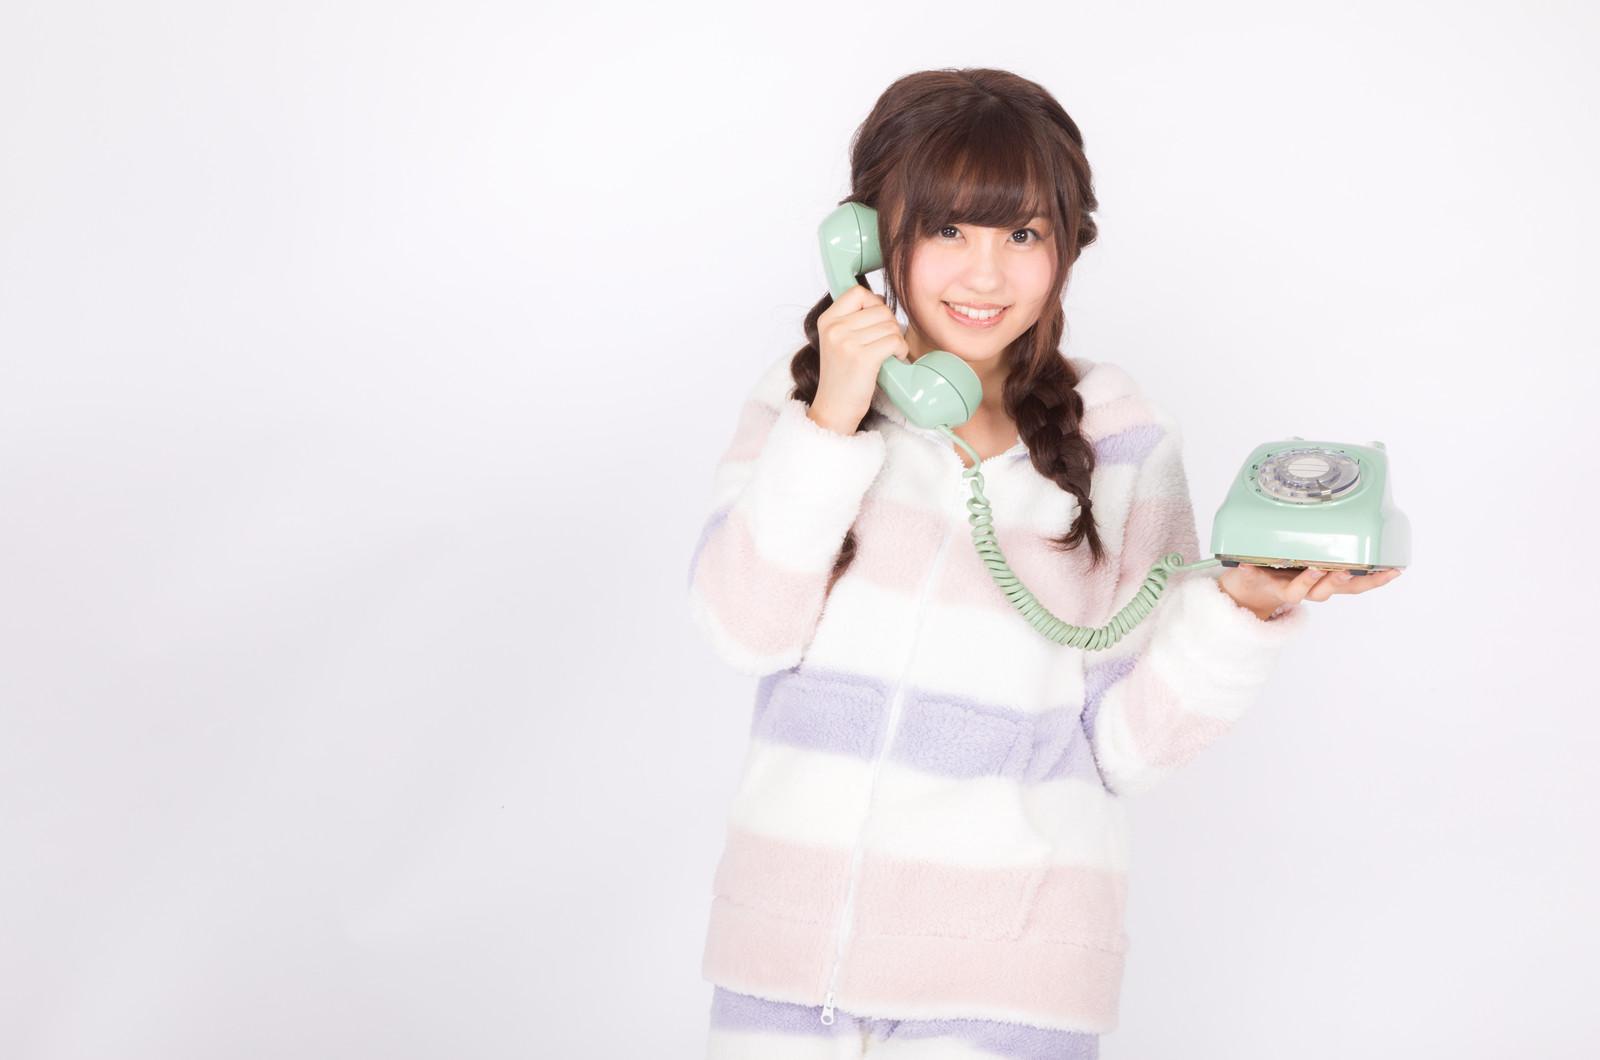 電話を使って占いをしている女性の画像